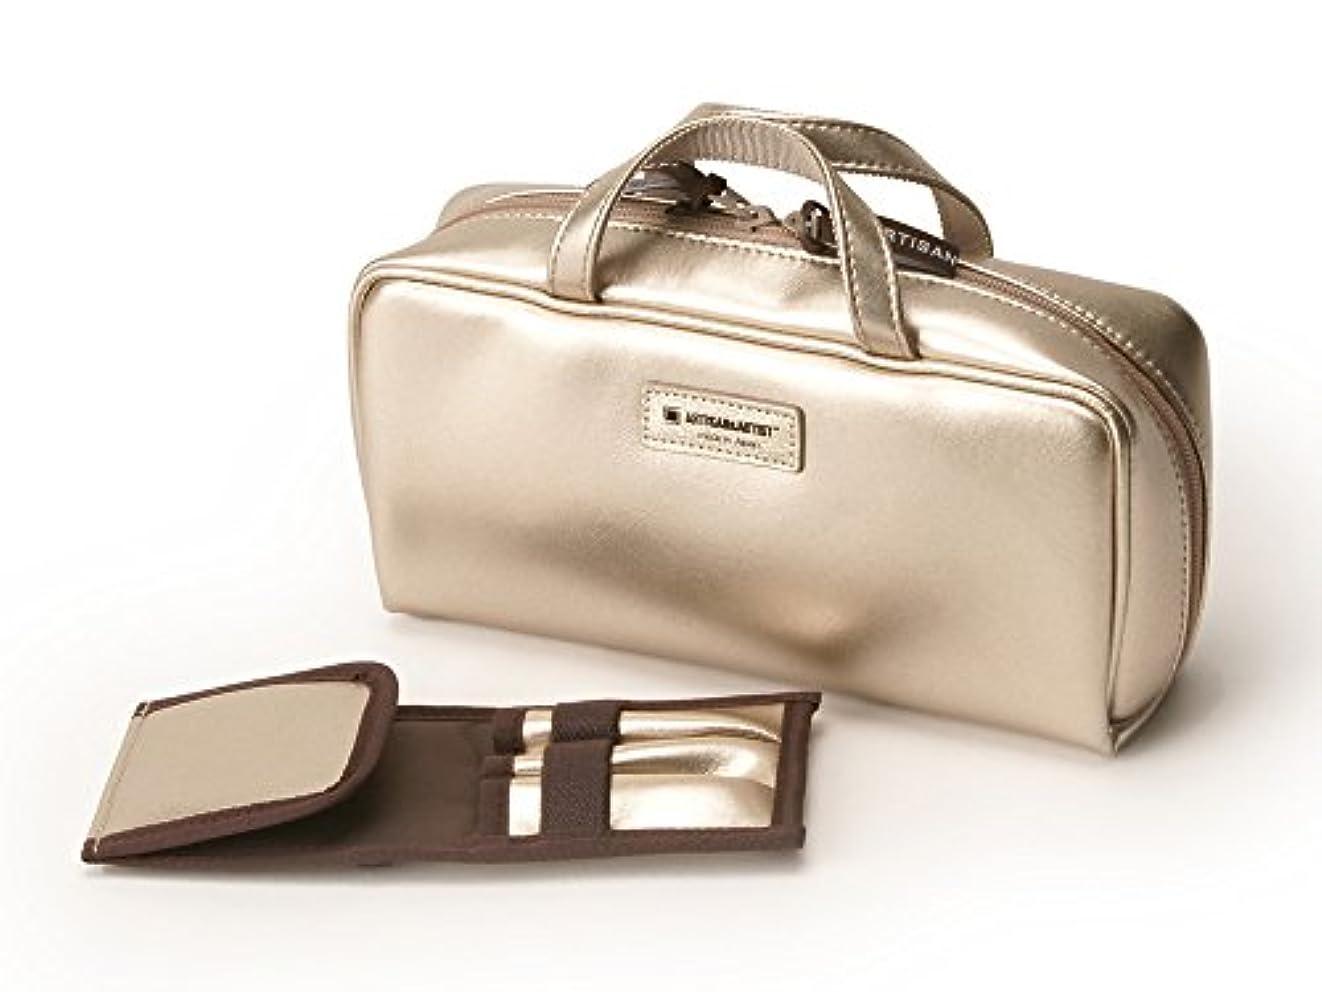 に負ける制裁レーザ[アルティザン&アーティスト] ブラシケース付きバッグ型ポーチ<Daily Gold(デイリーゴールド)> 8WP-PT619 ゴールド